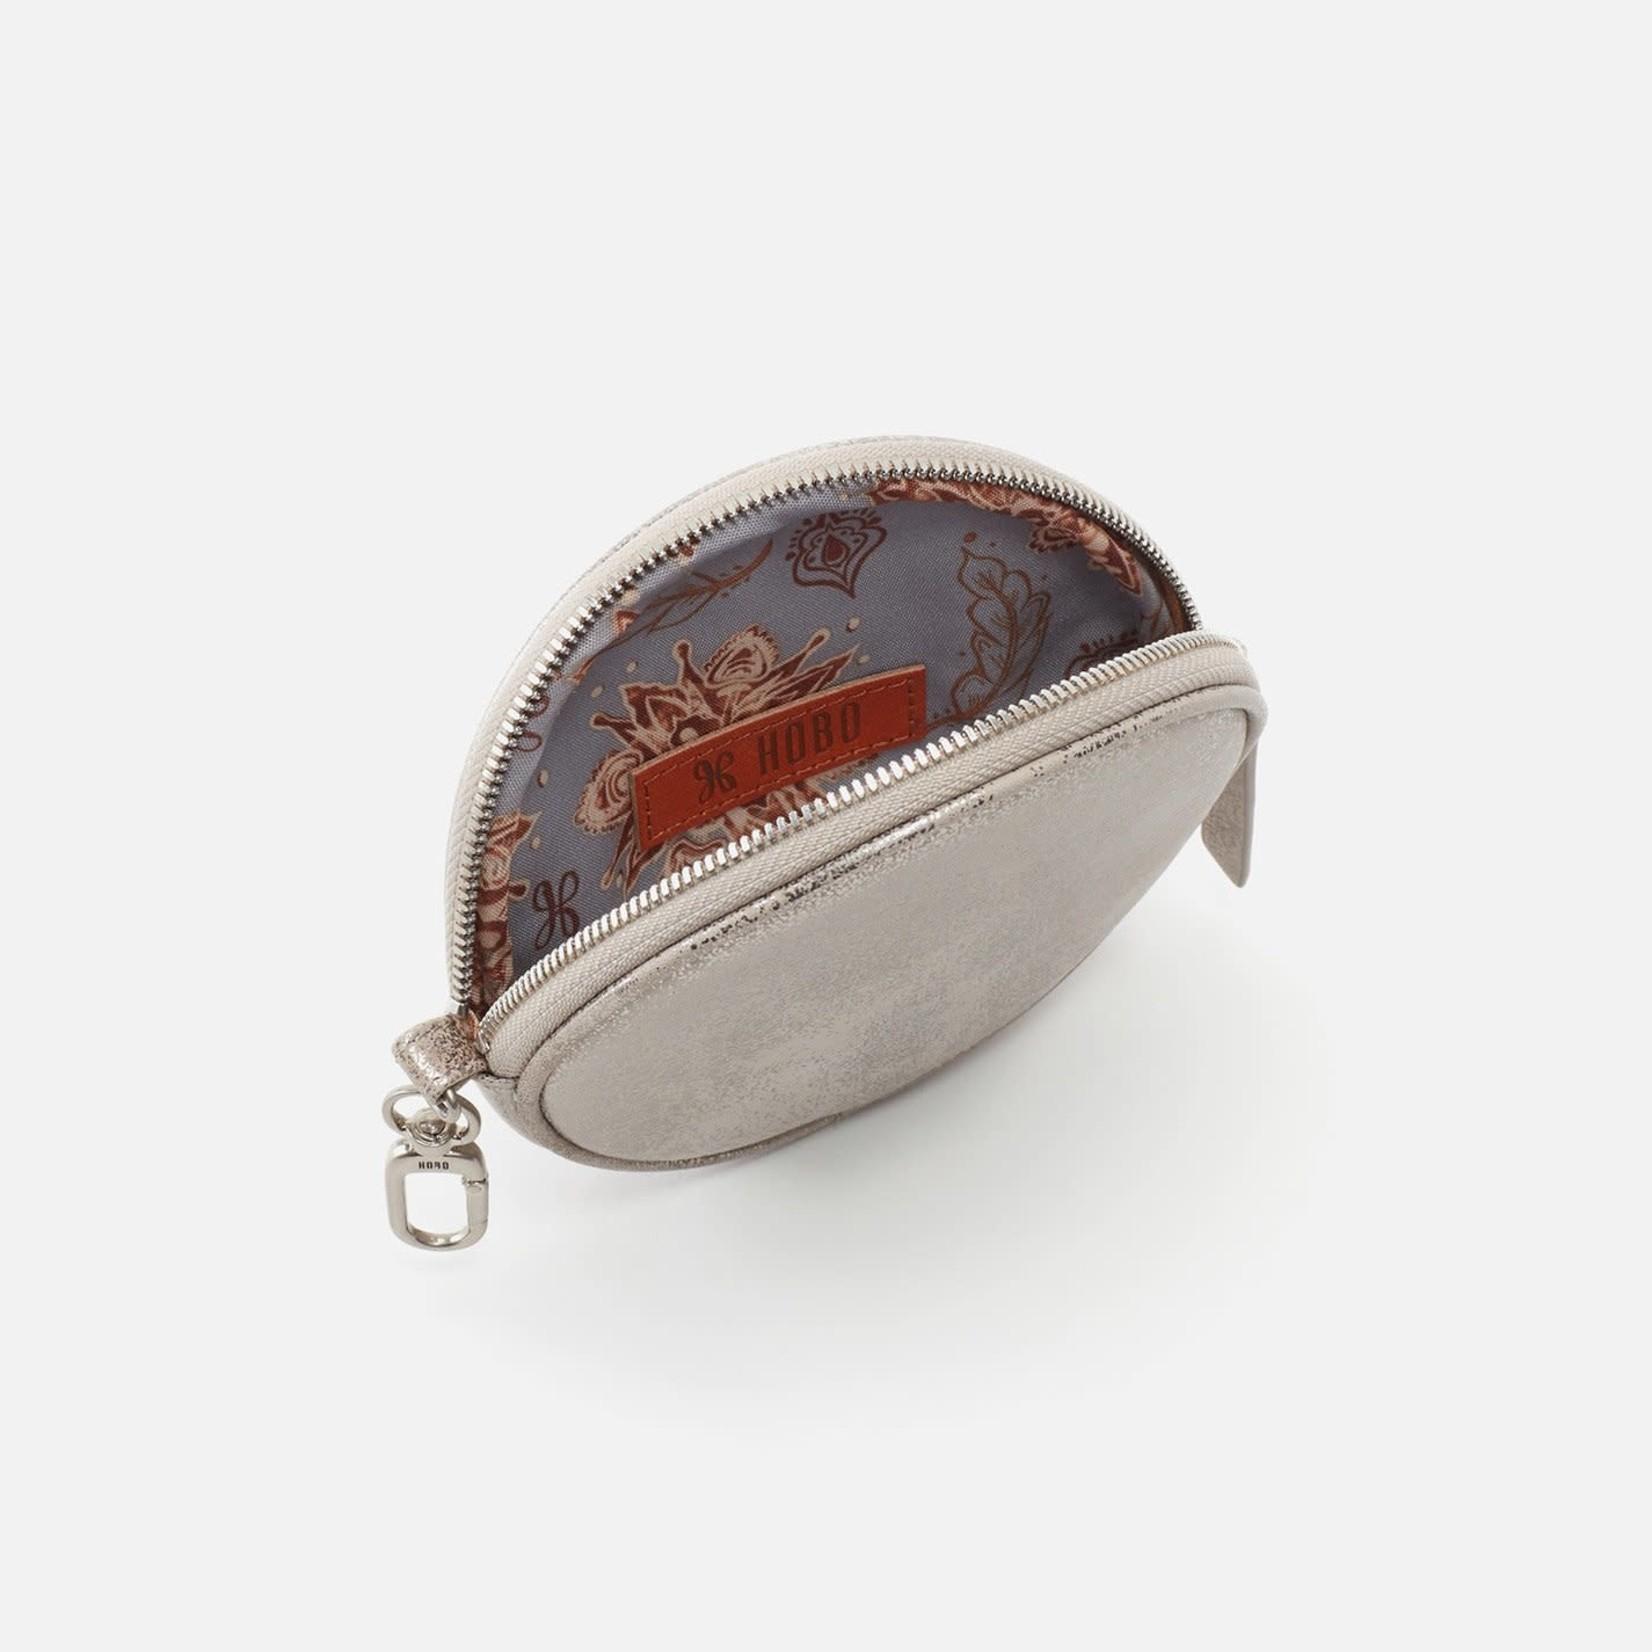 HOBO Revolve Granite Gold Leather Go Clip Pouch